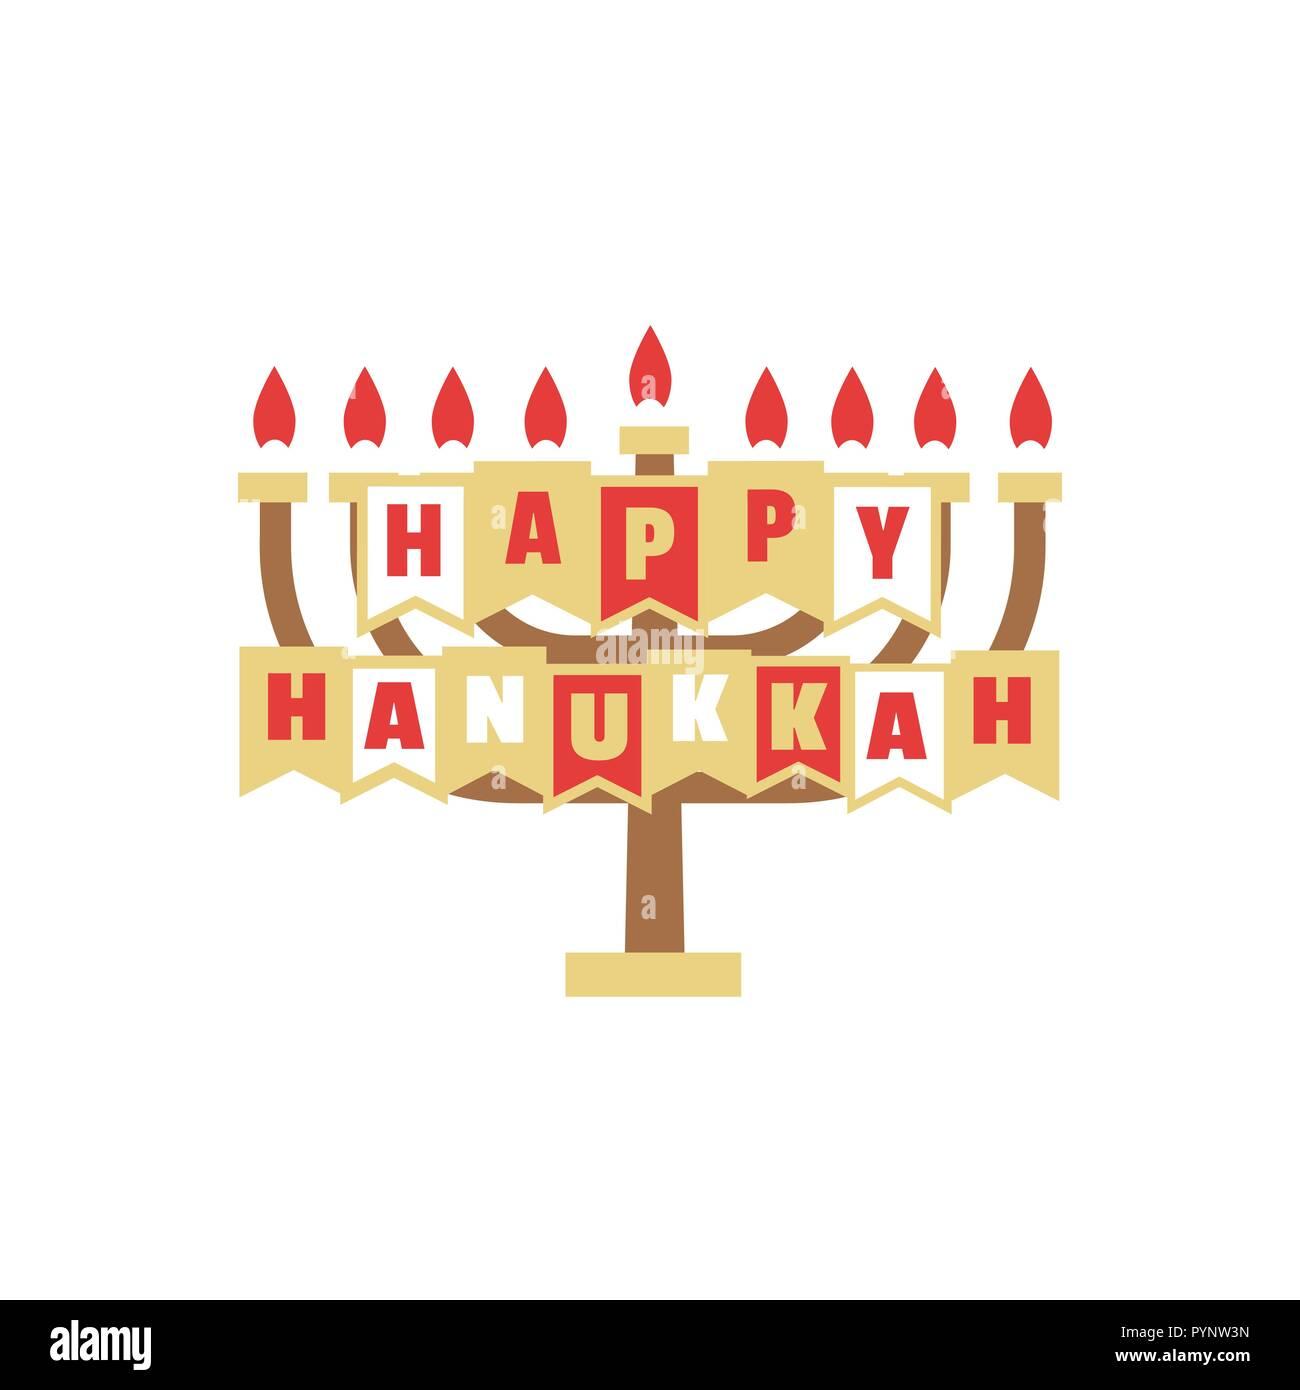 Happy Hanukkah holiday - Stock Image